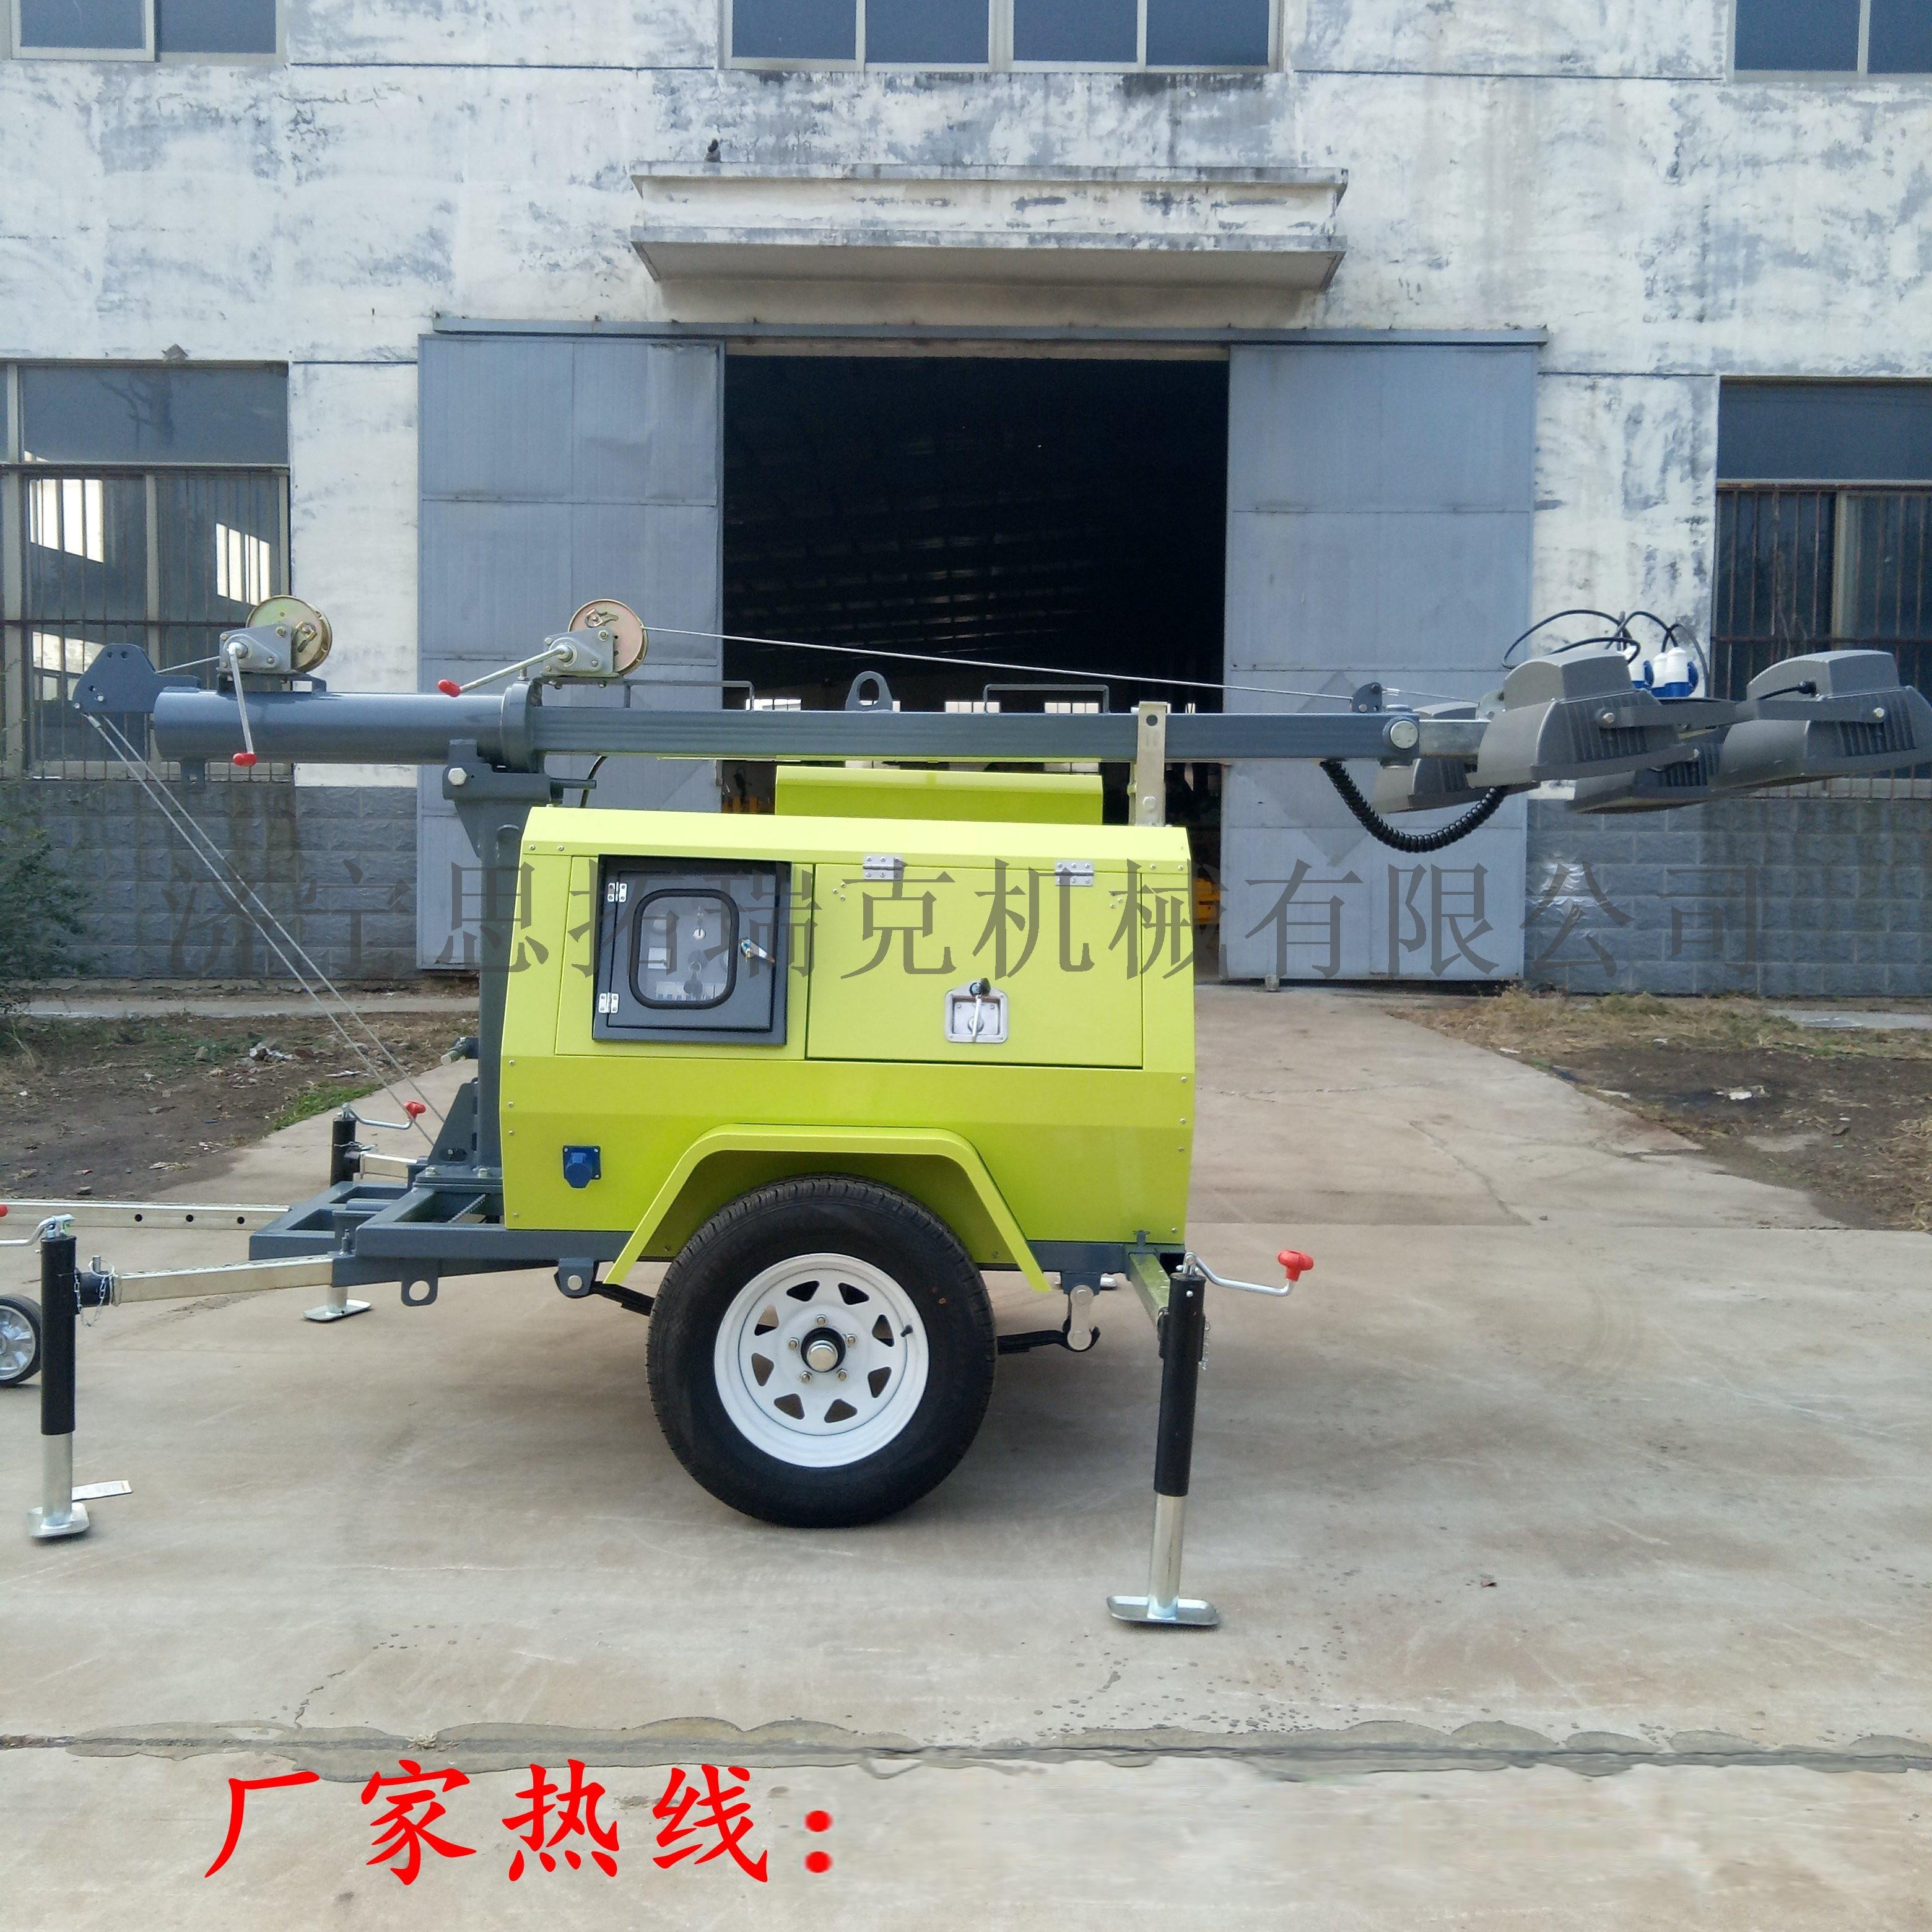 9米拖車照明車 (3).jpg